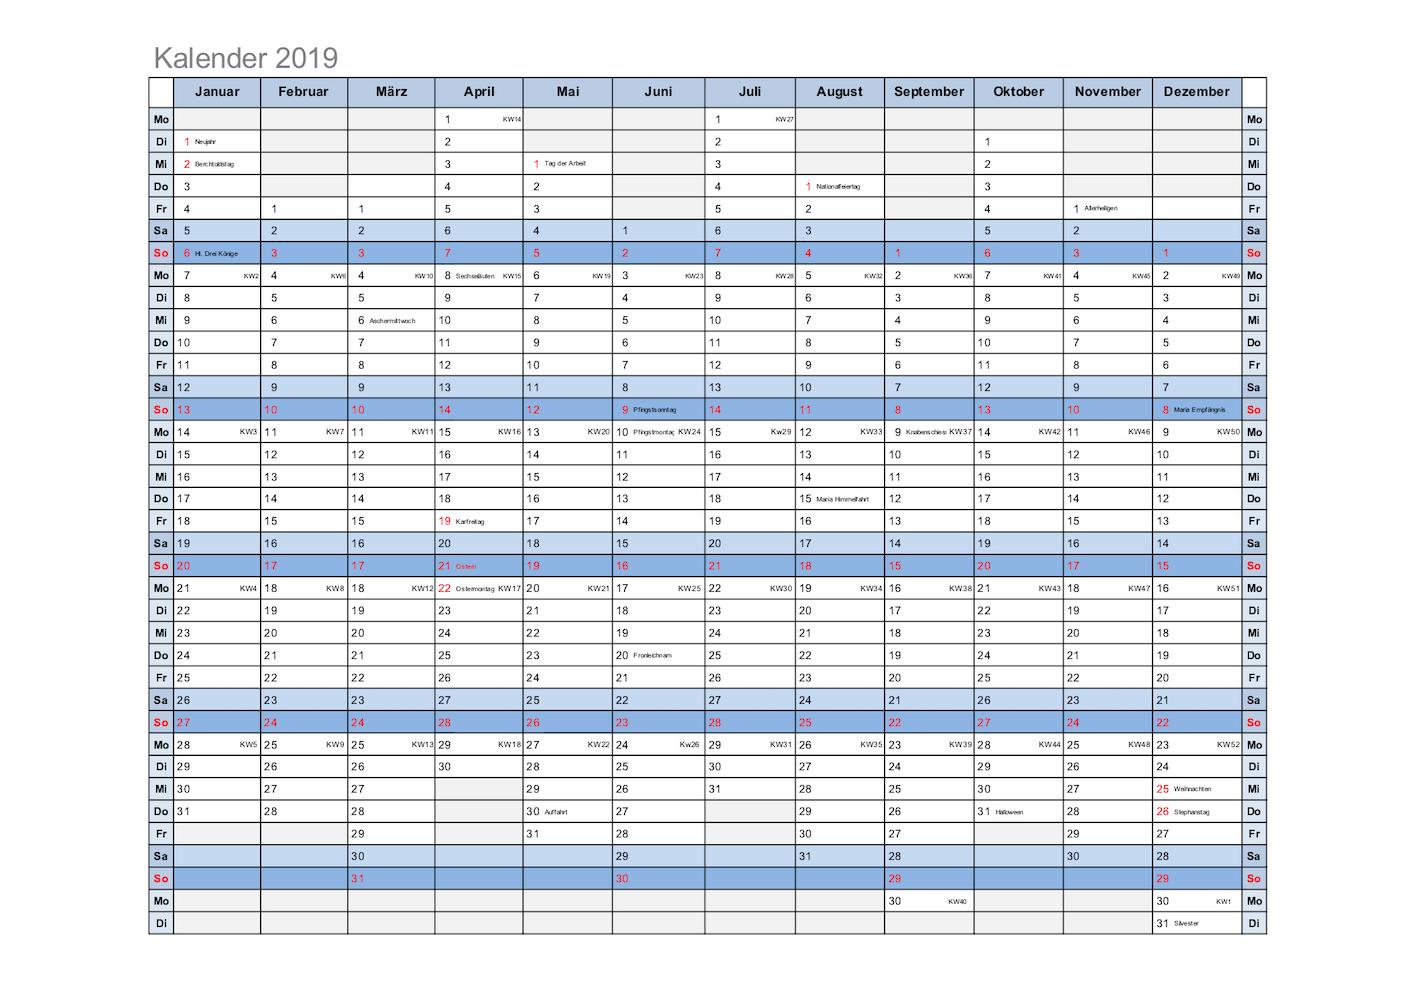 Kalender 2019 Excel Schweiz Mit Feiertagen Kostenloser Download